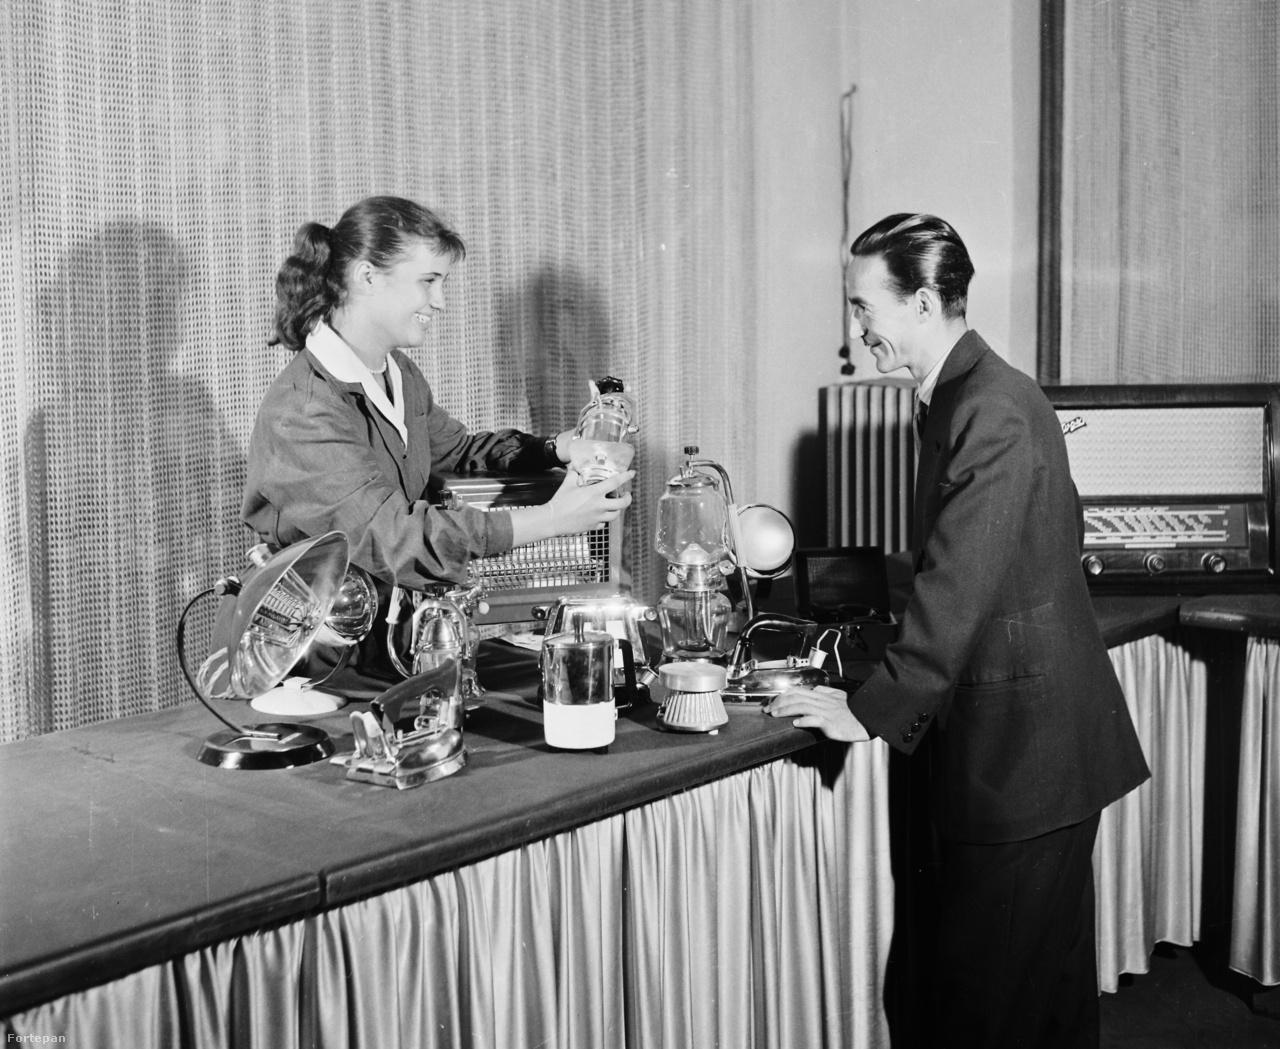 1958: Budapest V. Kossuth Lajos utca 2/b, KERAVILL üzlet, bemutatóterem. A spontán elkapott pillanatképen épp egy eladó a pultra fölhalmozott különféle műszaki cikkeket mutatja be egy vásárlónak. Láthatunk itt hősugárzót, többféle kávéfőzőt, vasalót, kenyérpirítót, a háttérben egy jókora rádiót.